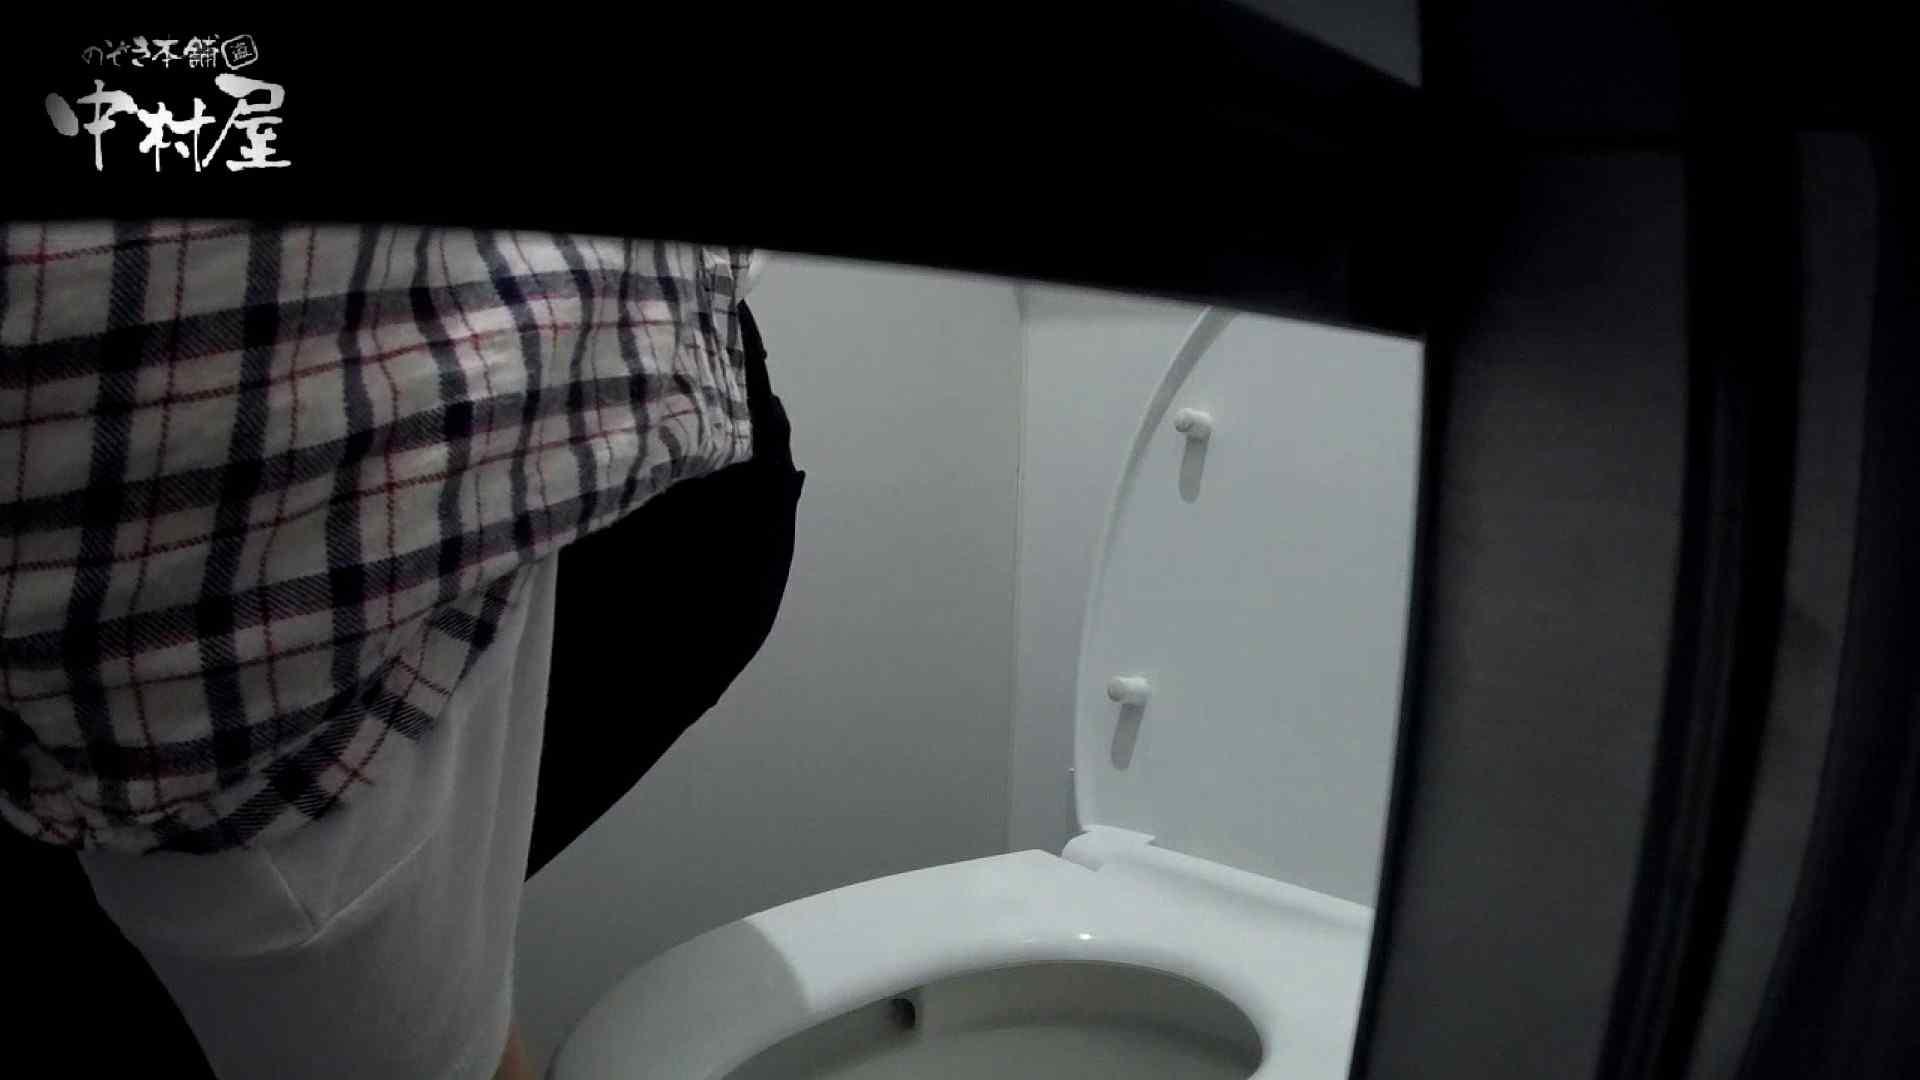 【某有名大学女性洗面所】有名大学女性洗面所 vol.40 ??おまじない的な動きをする子がいます。 潜入 われめAV動画紹介 12pic 7